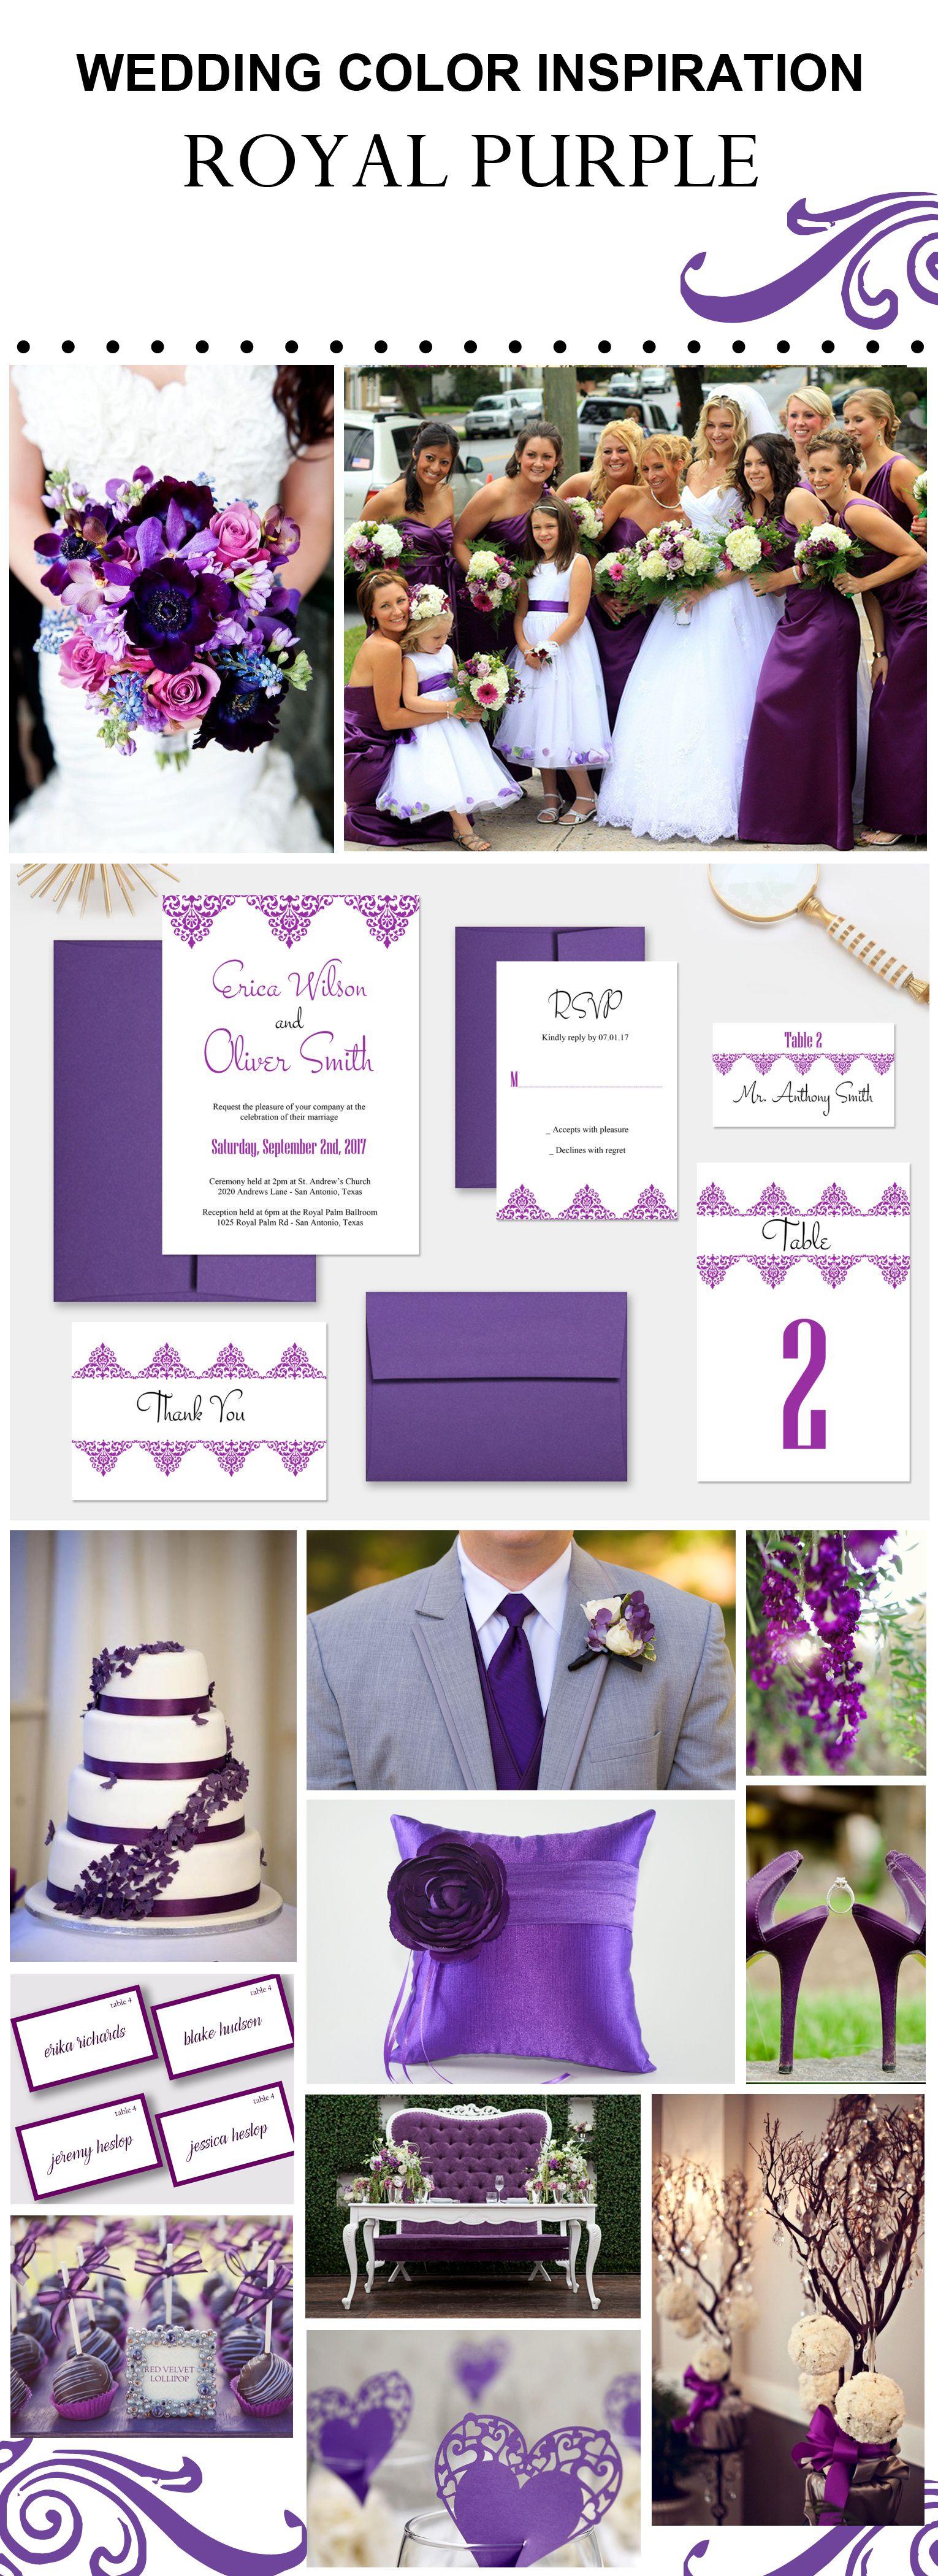 Purple Wedding Ideas Wedsclusive Www Wedsclusive Etsy Com Wedding